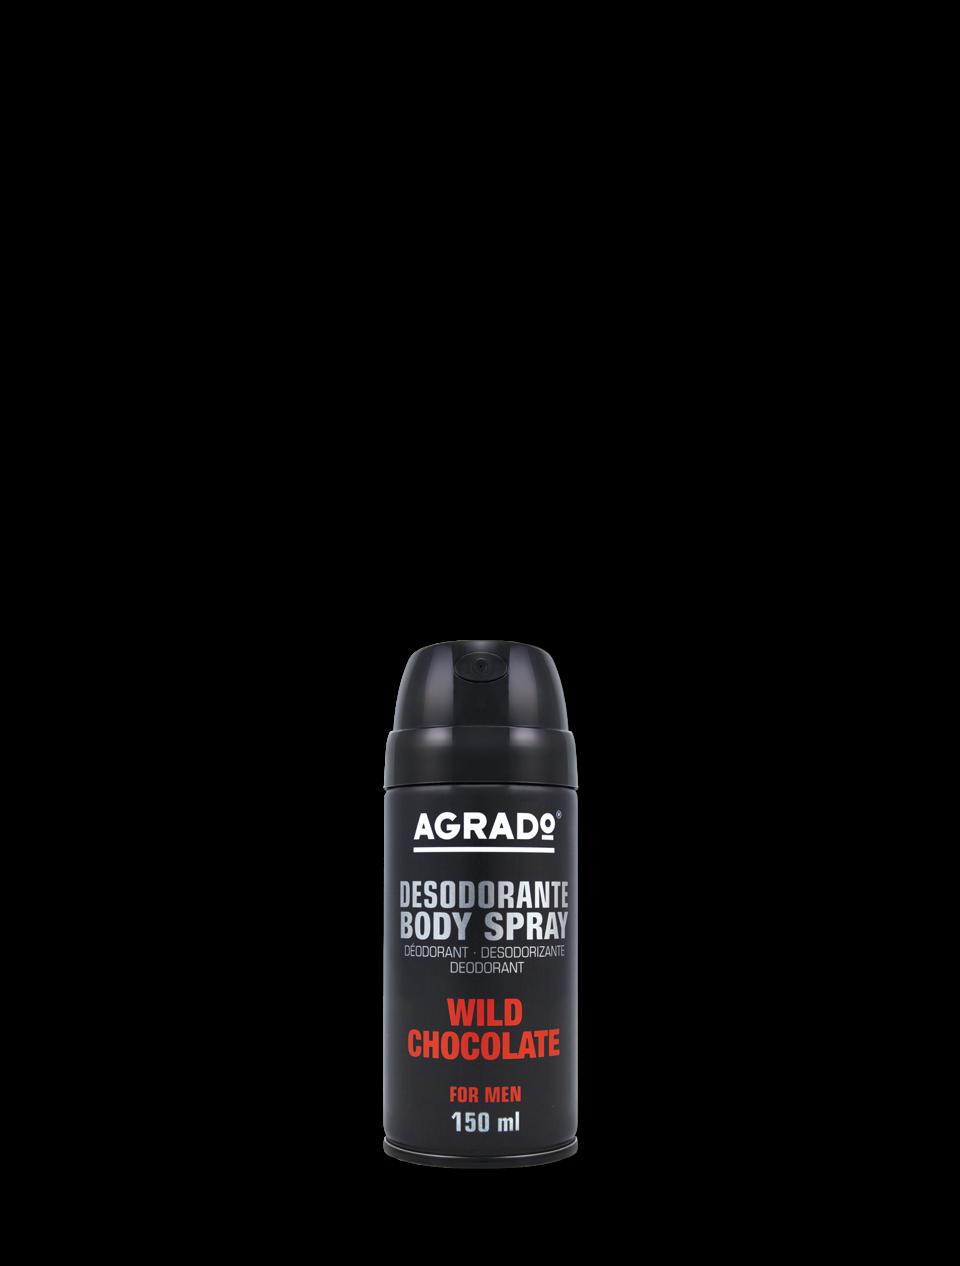 desodorante-body-spray-wild-chocolate-agrado-5256